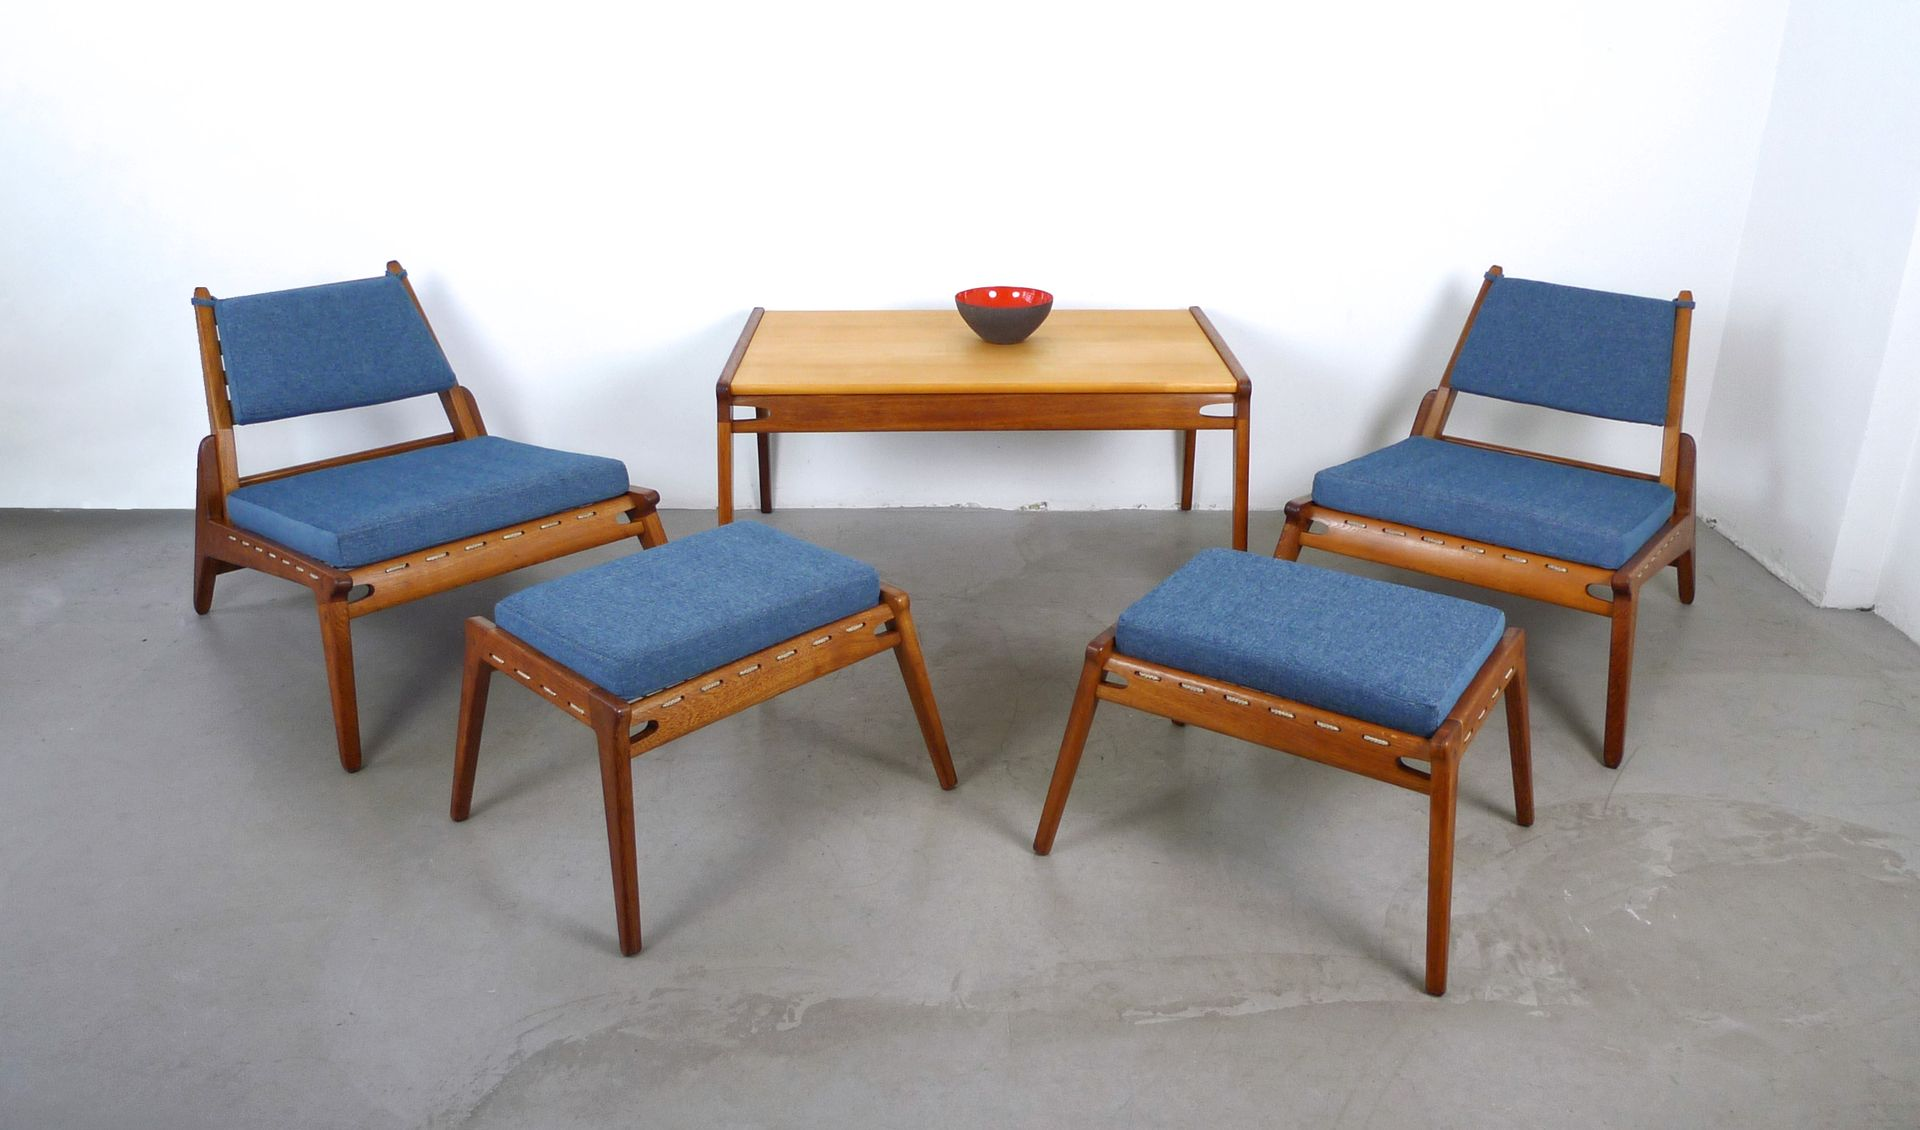 deutscher couchtisch aus massivem eichenholz ahorn. Black Bedroom Furniture Sets. Home Design Ideas